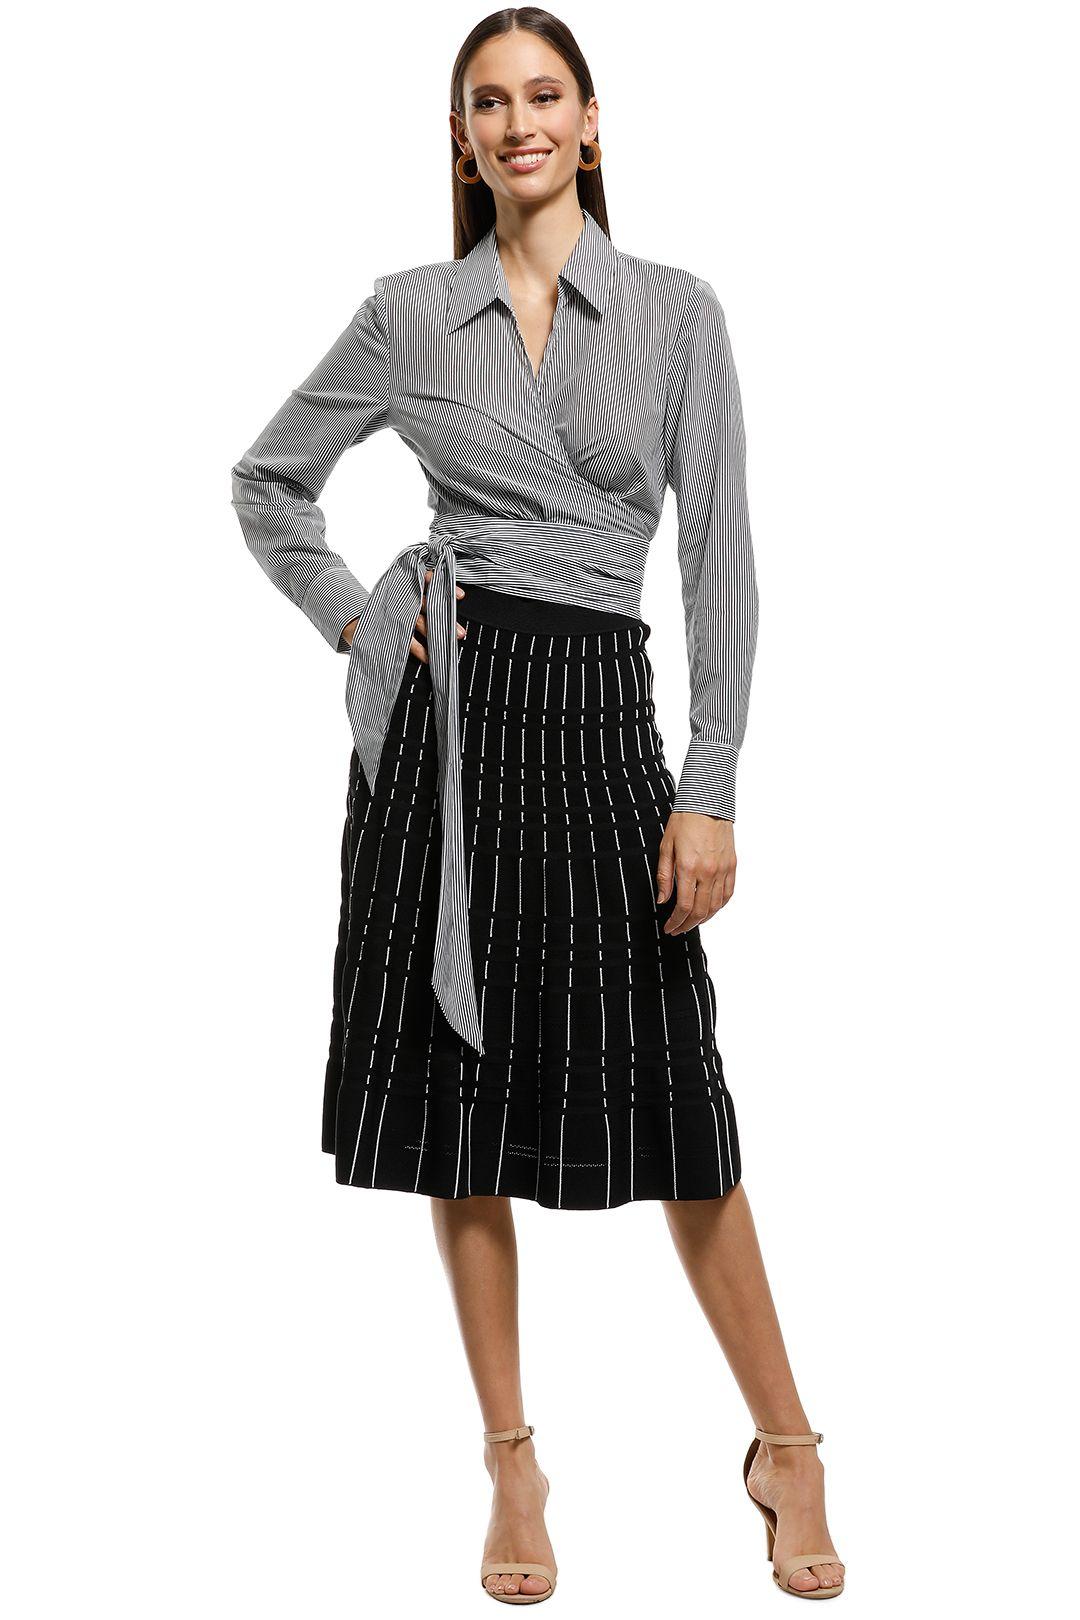 Saba - Lola Cotton Silk Wrap Top - BlackWhite - Front